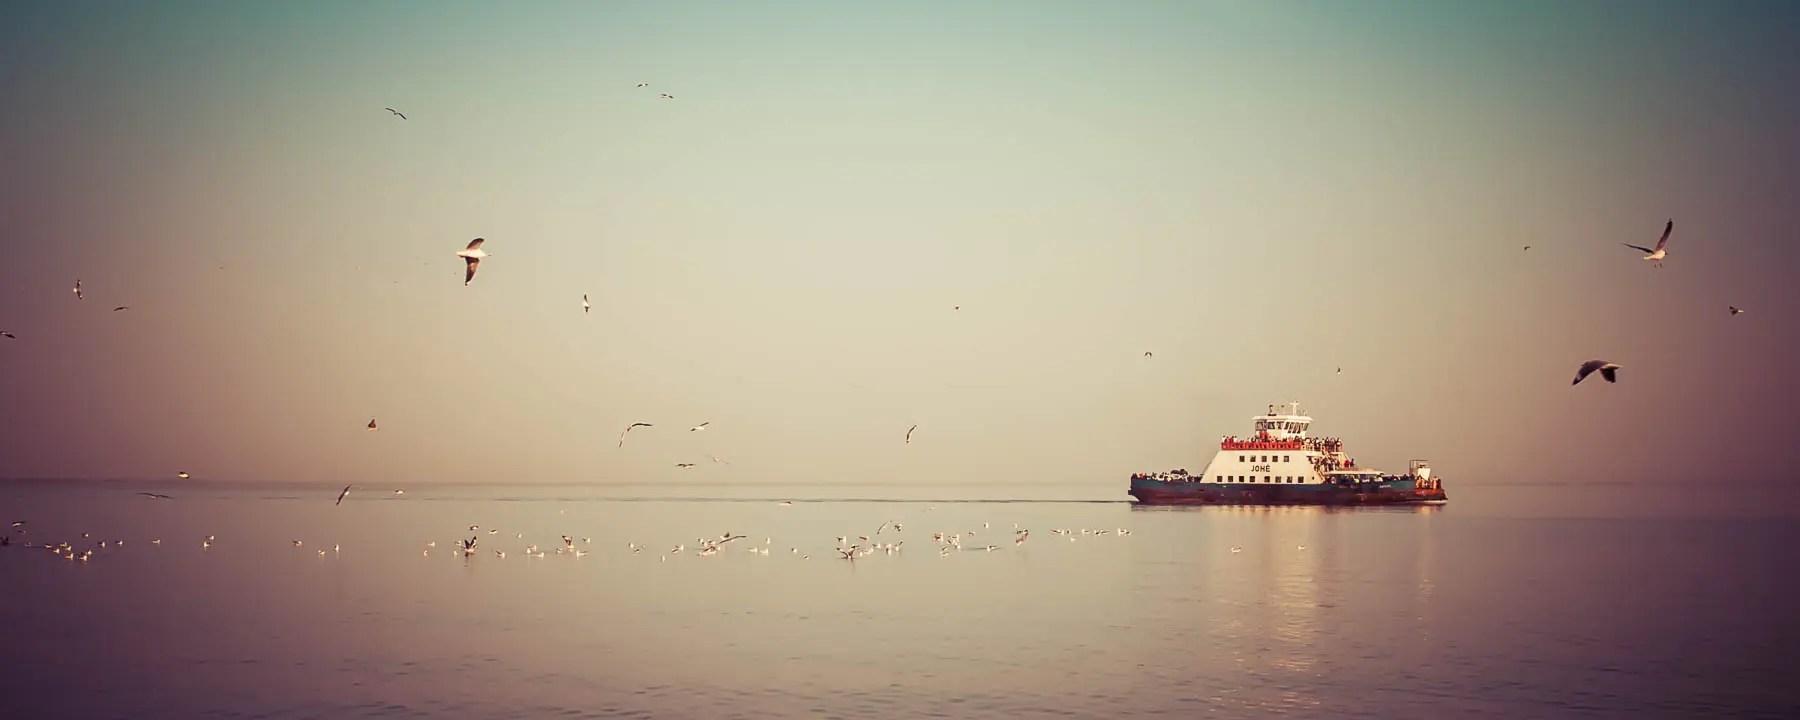 Atlantic Ocean, Gambia